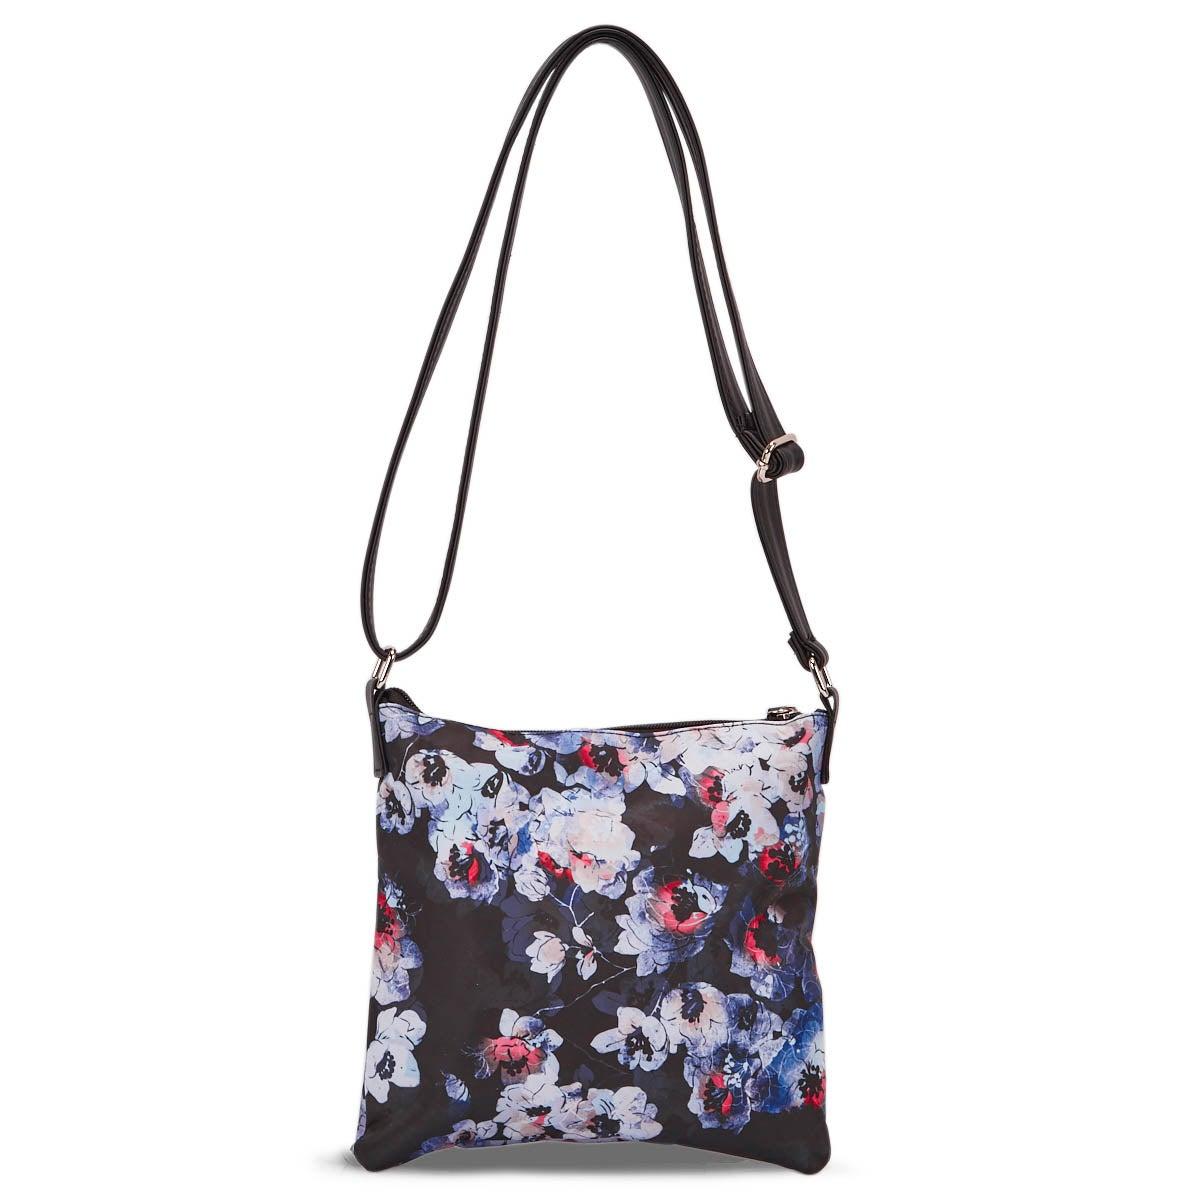 Lds black/multi flower cross body bag